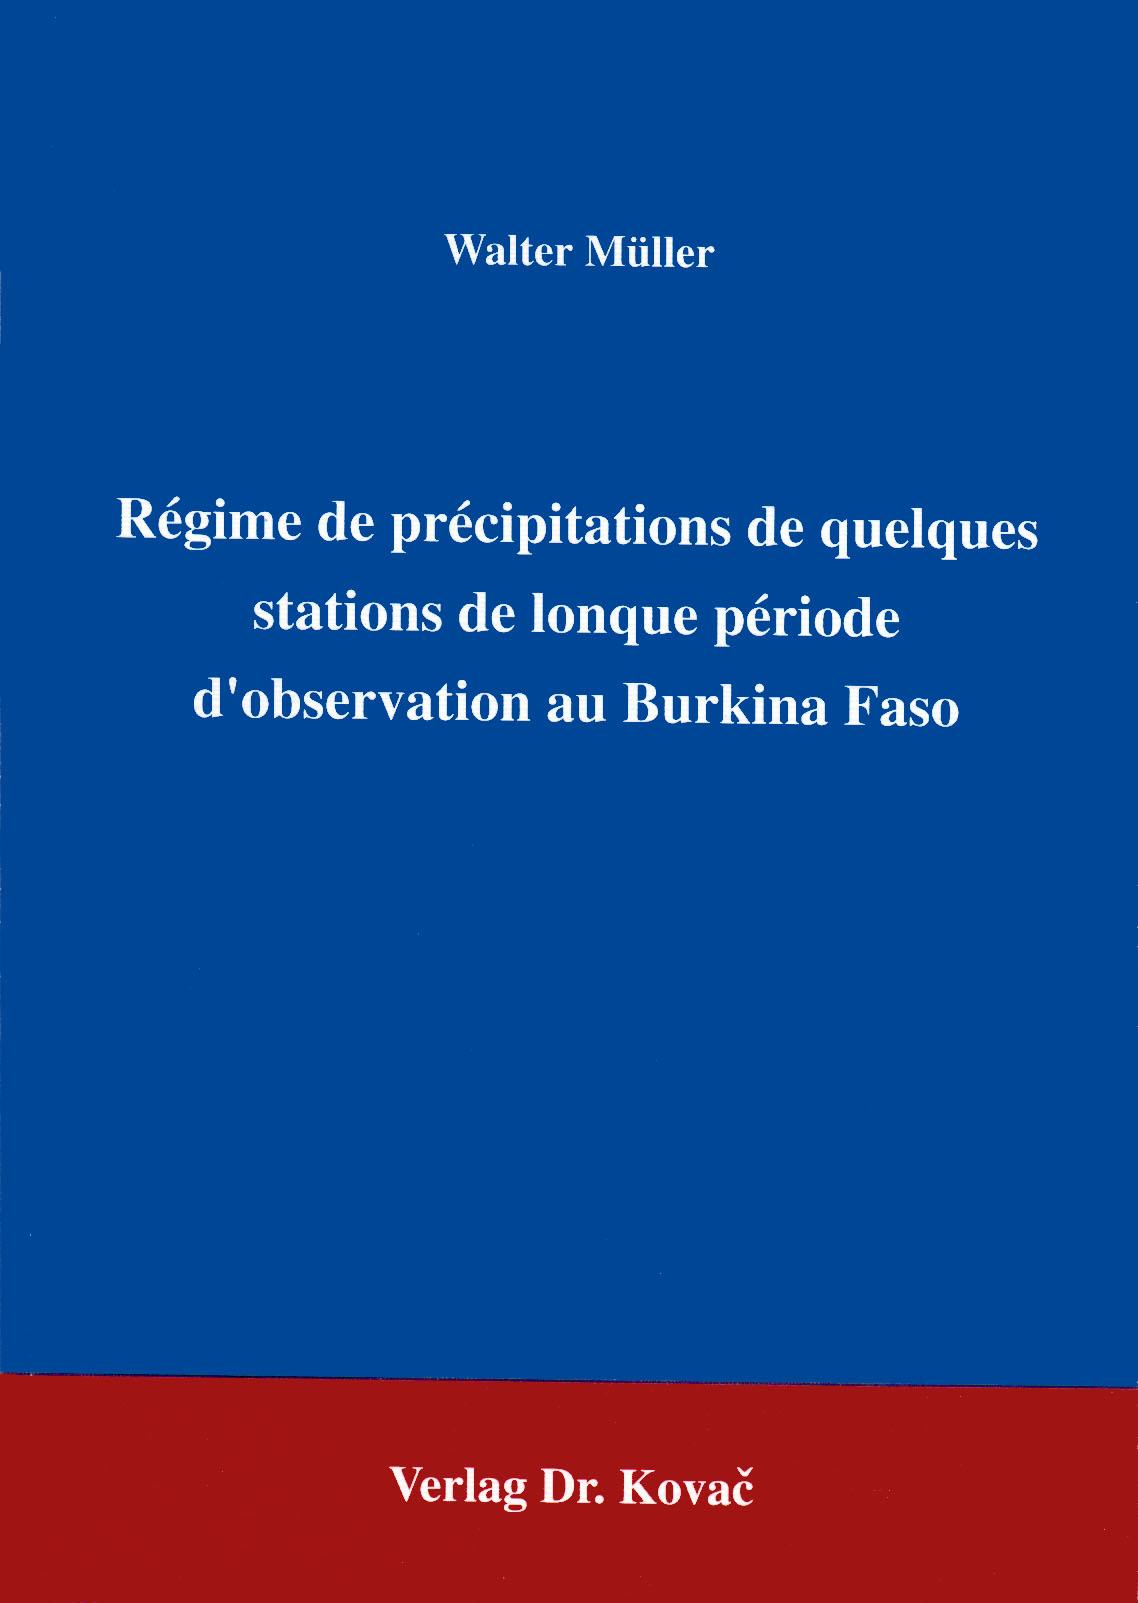 Cover: Régime de précipitations de quelques stations de longue période d'observation au Burkina Faso